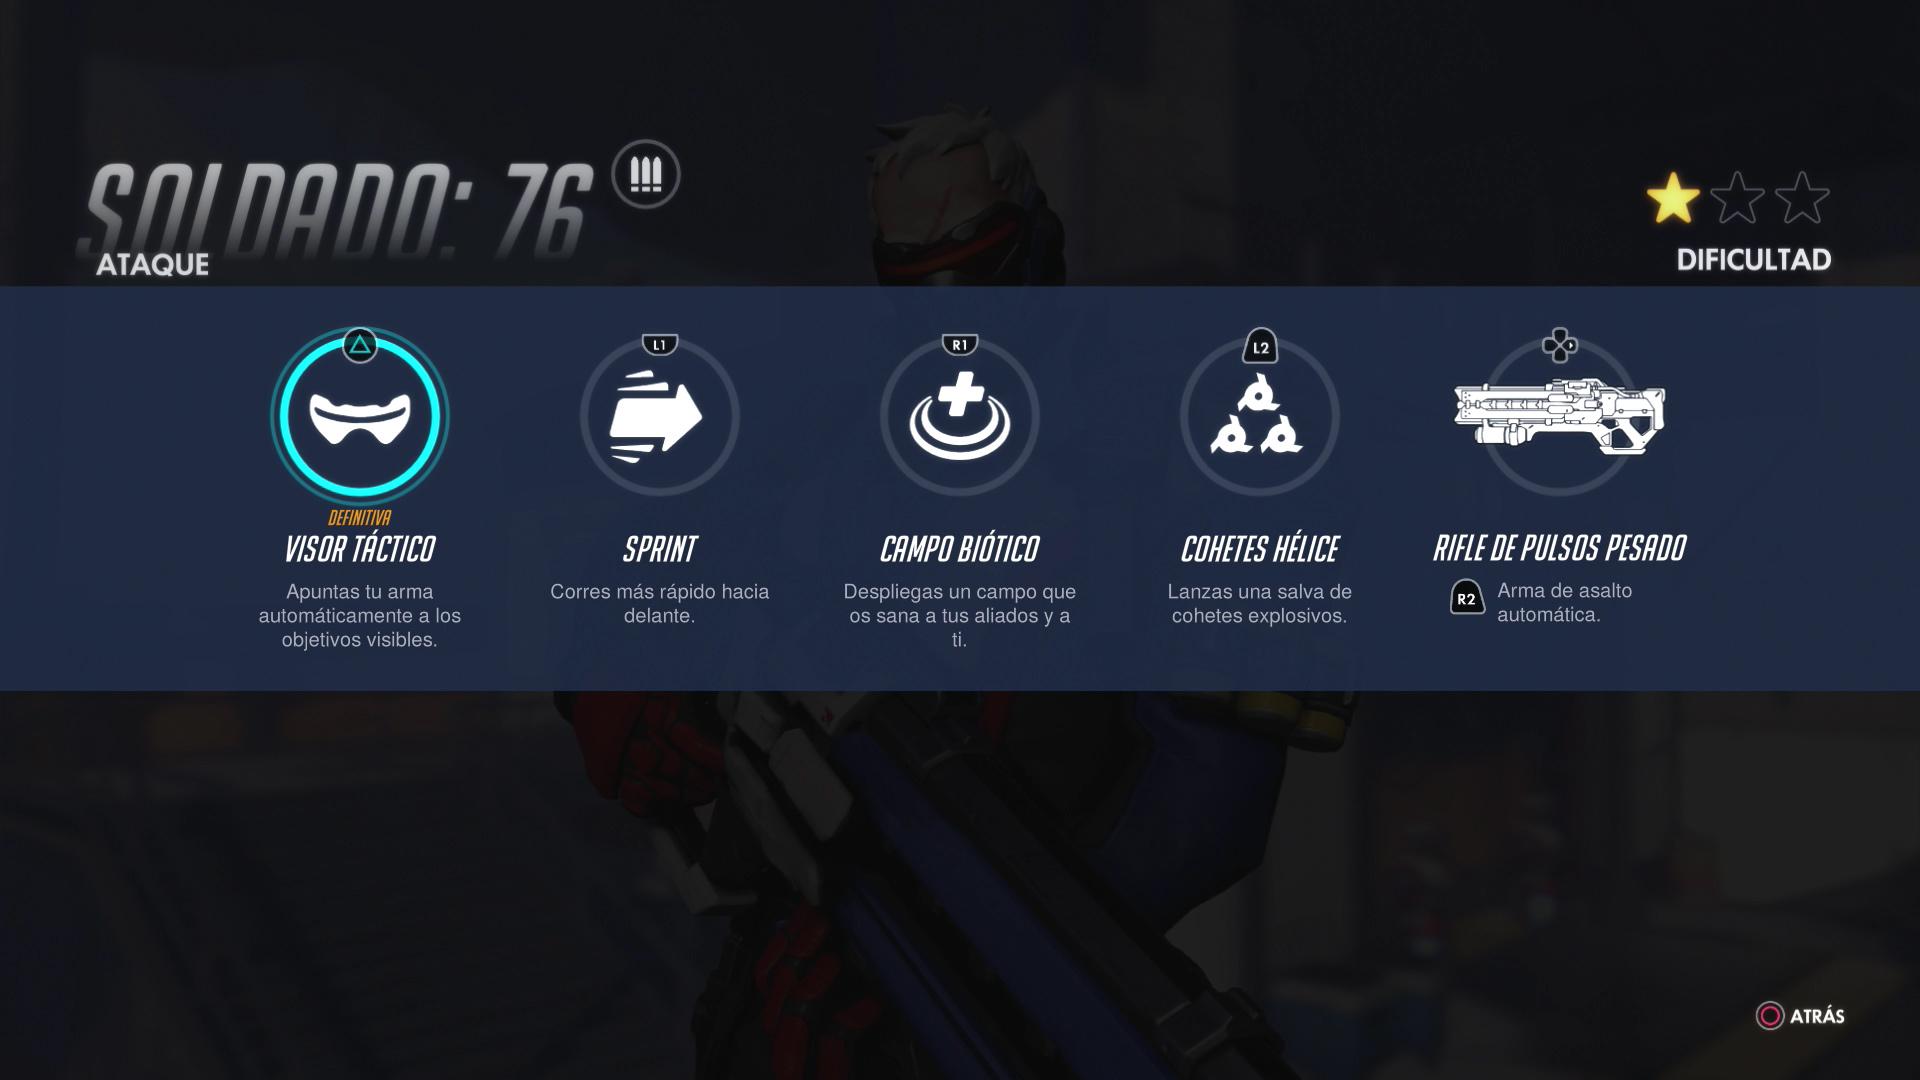 Personajes de Overwatch - Soldado 76